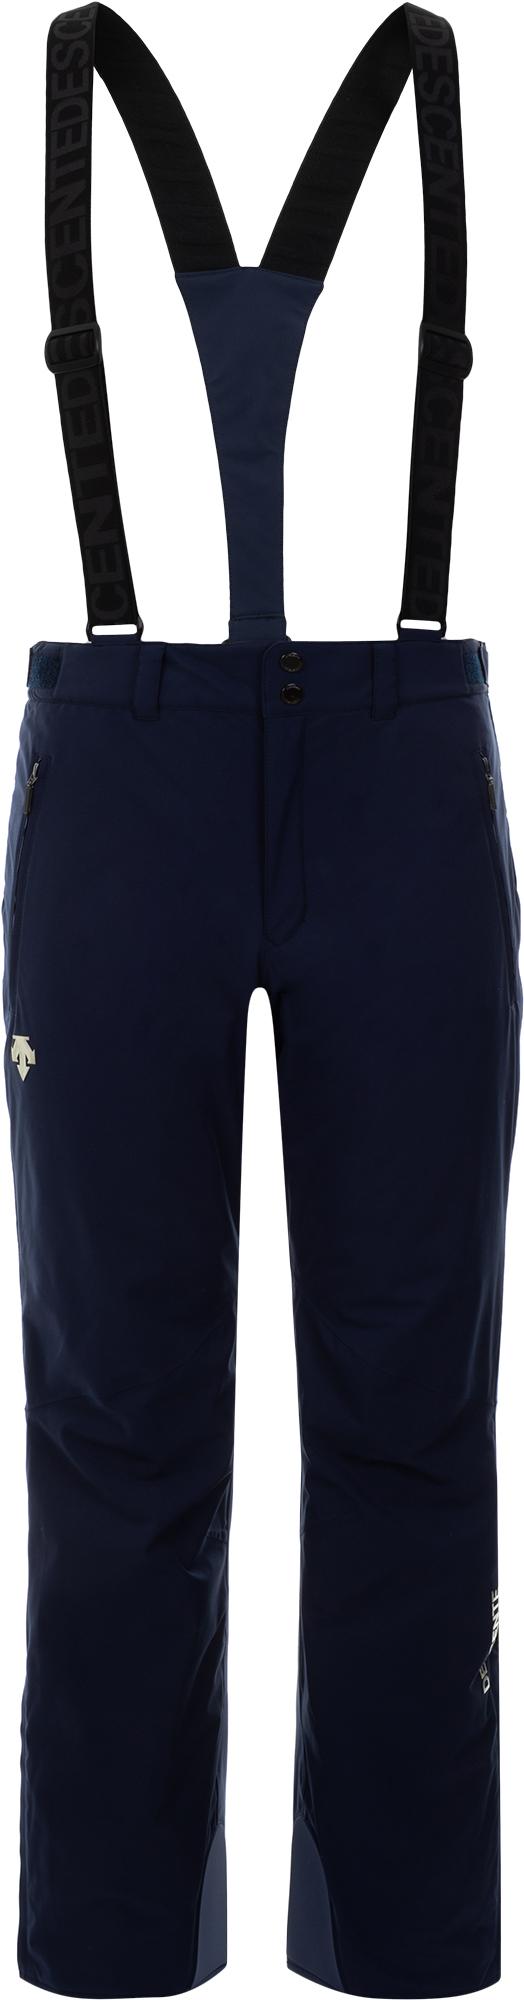 Descente Брюки утепленные мужские Descente Swiss, размер 60 брюки утепленные